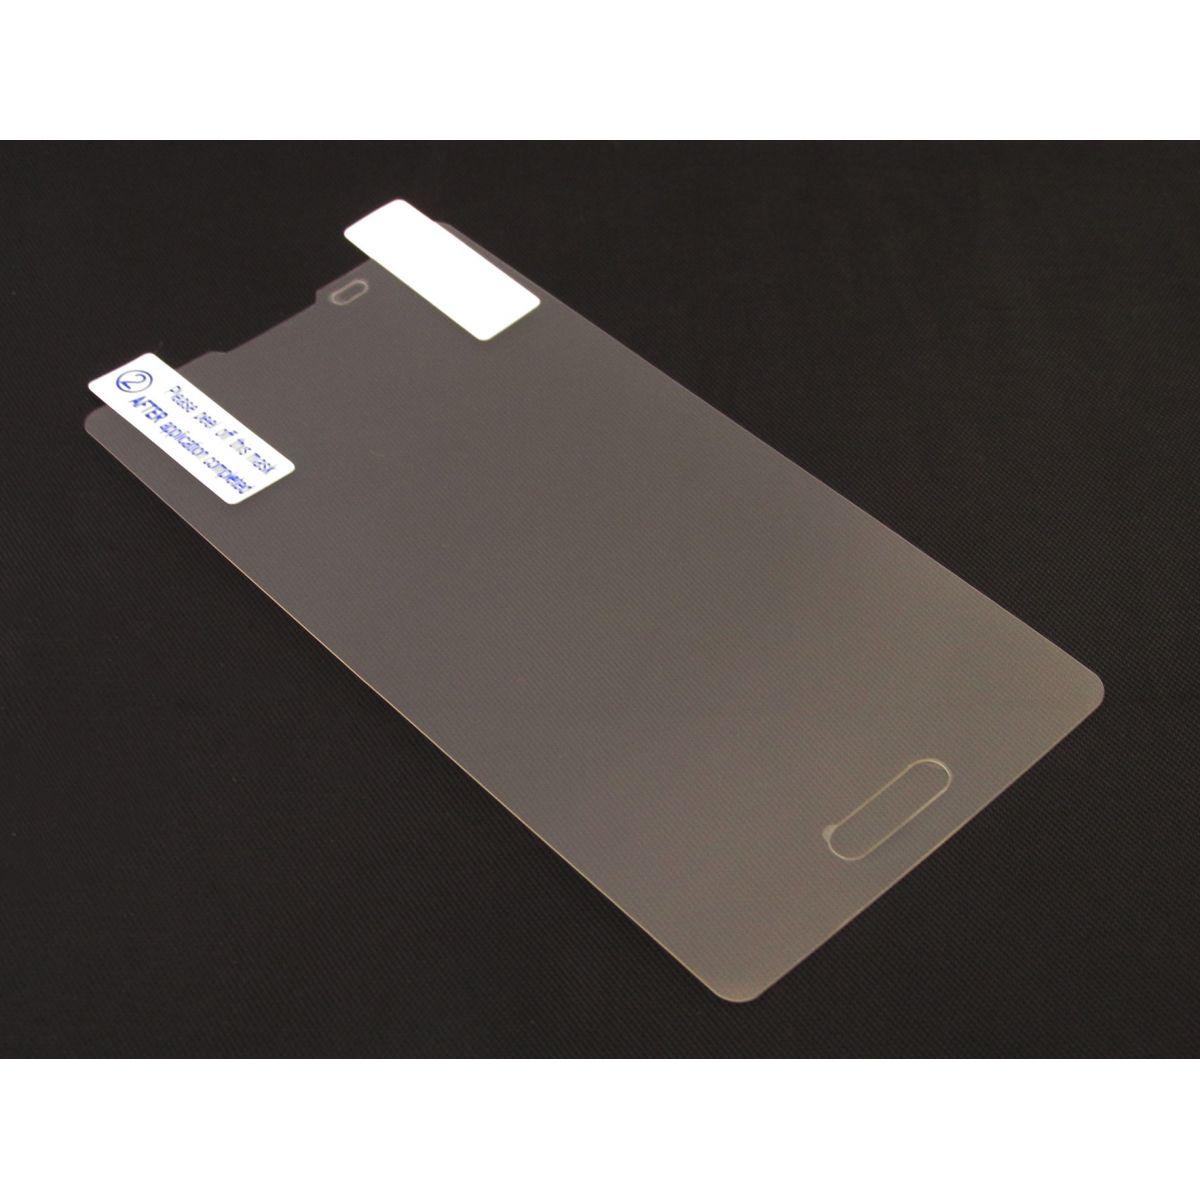 Pelicula Protetora para LG Optimus L5 II E450 Fosca